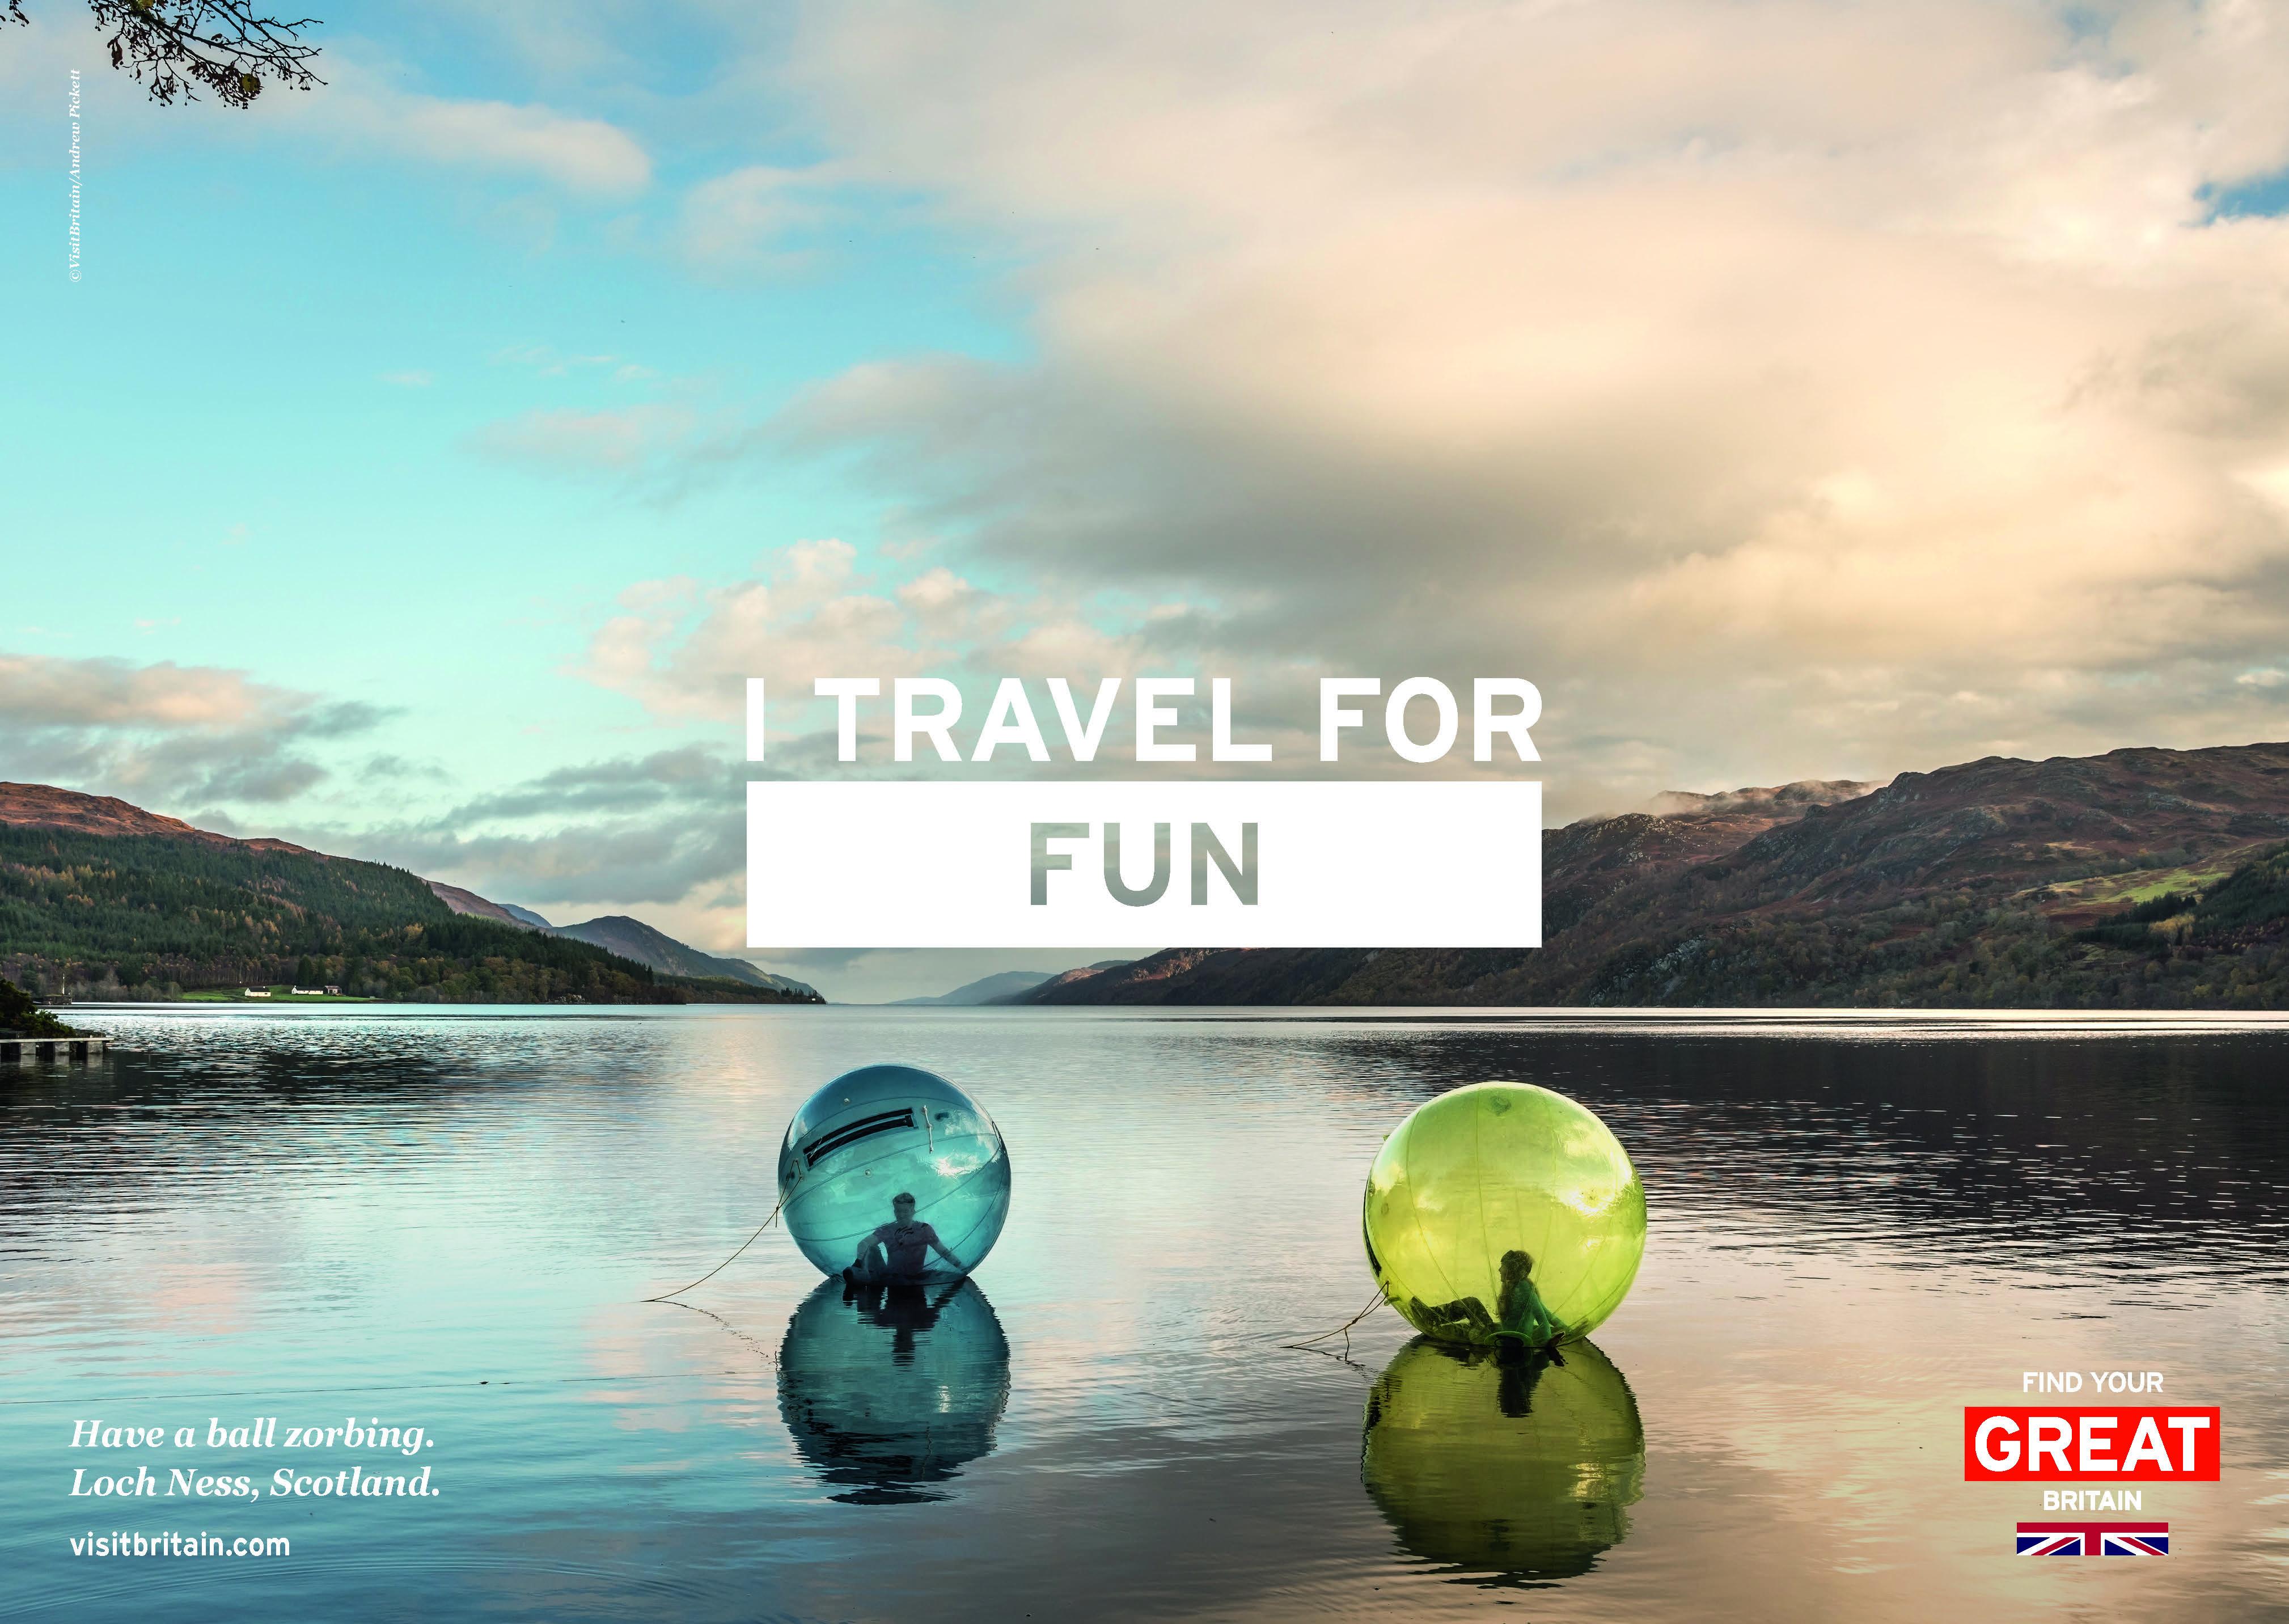 VisitBritain lance une nouvelle campagne mondiale pour dynamiser le tourisme réceptif – Nouvelle Campagne